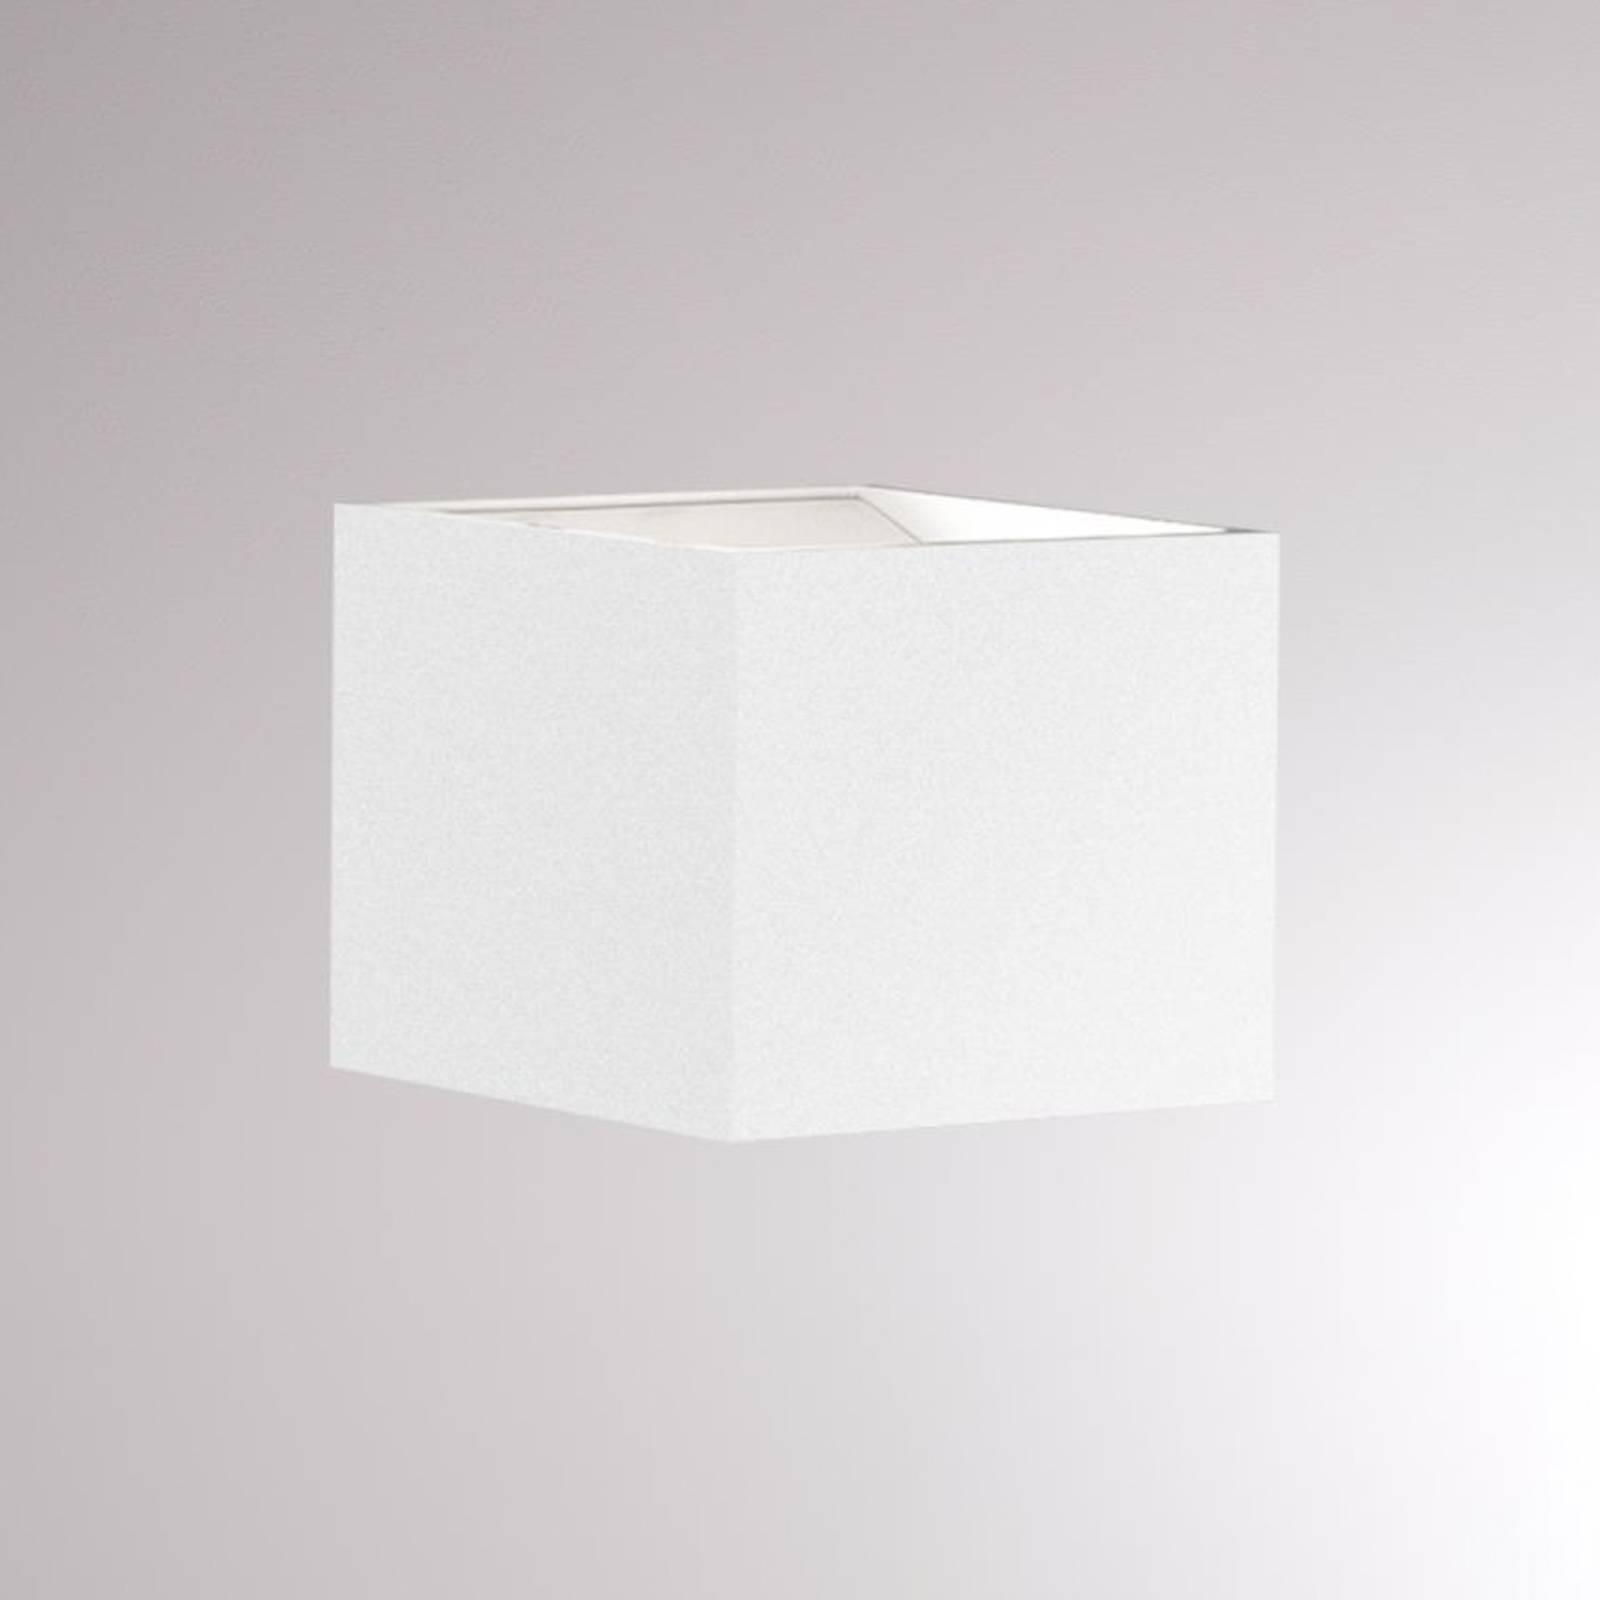 LOUM Foro -LED-seinävalaisin 2700K 7 cm valkoinen